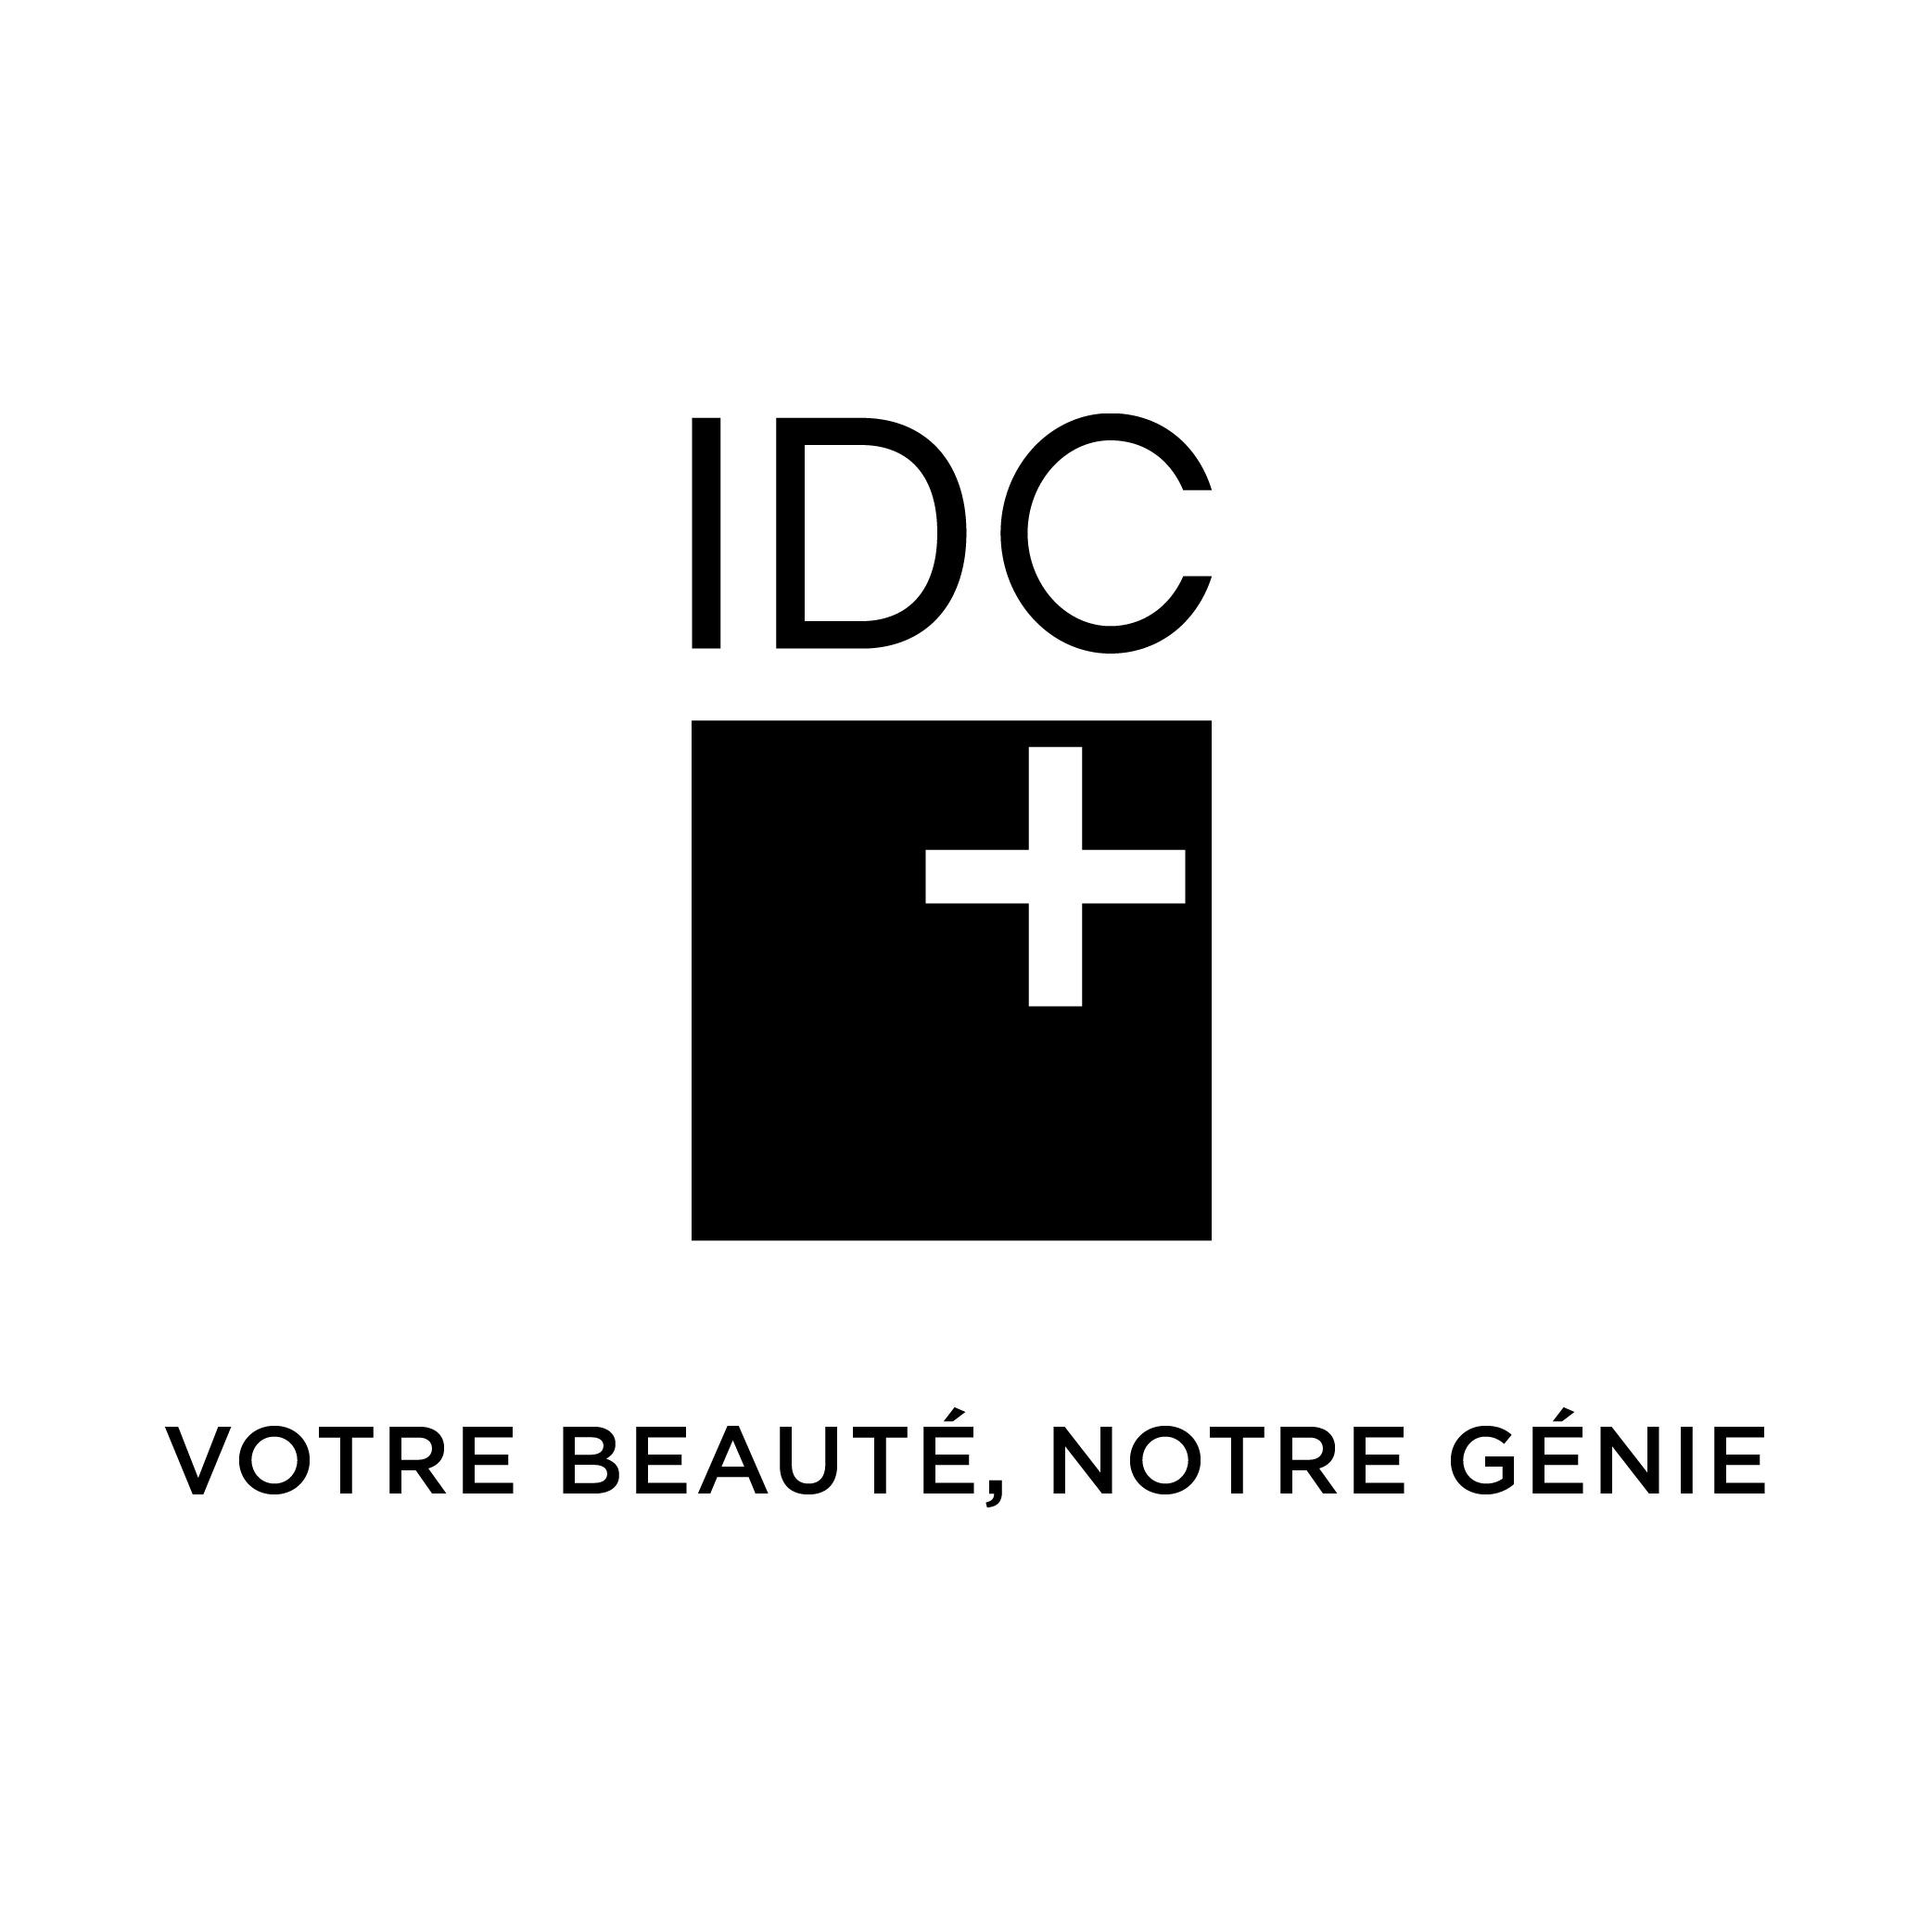 FR_IDC_Noir_Fond Blanc